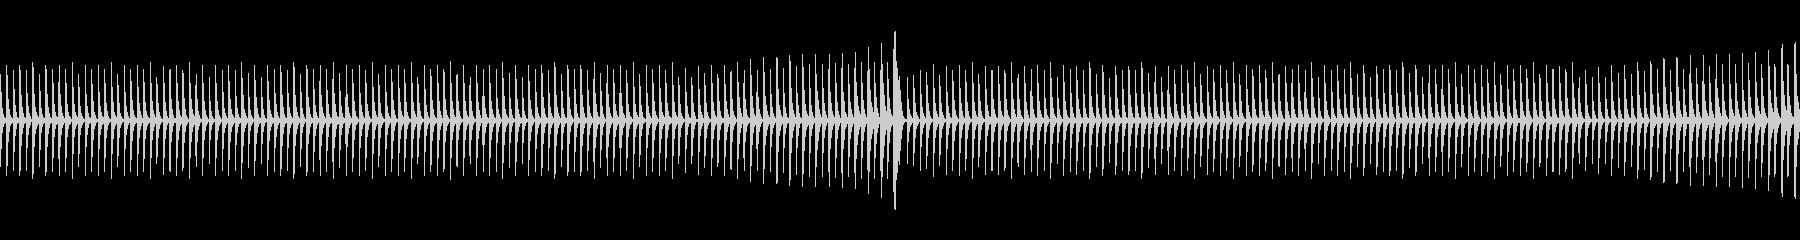 シンキングタイム(ループ)の未再生の波形